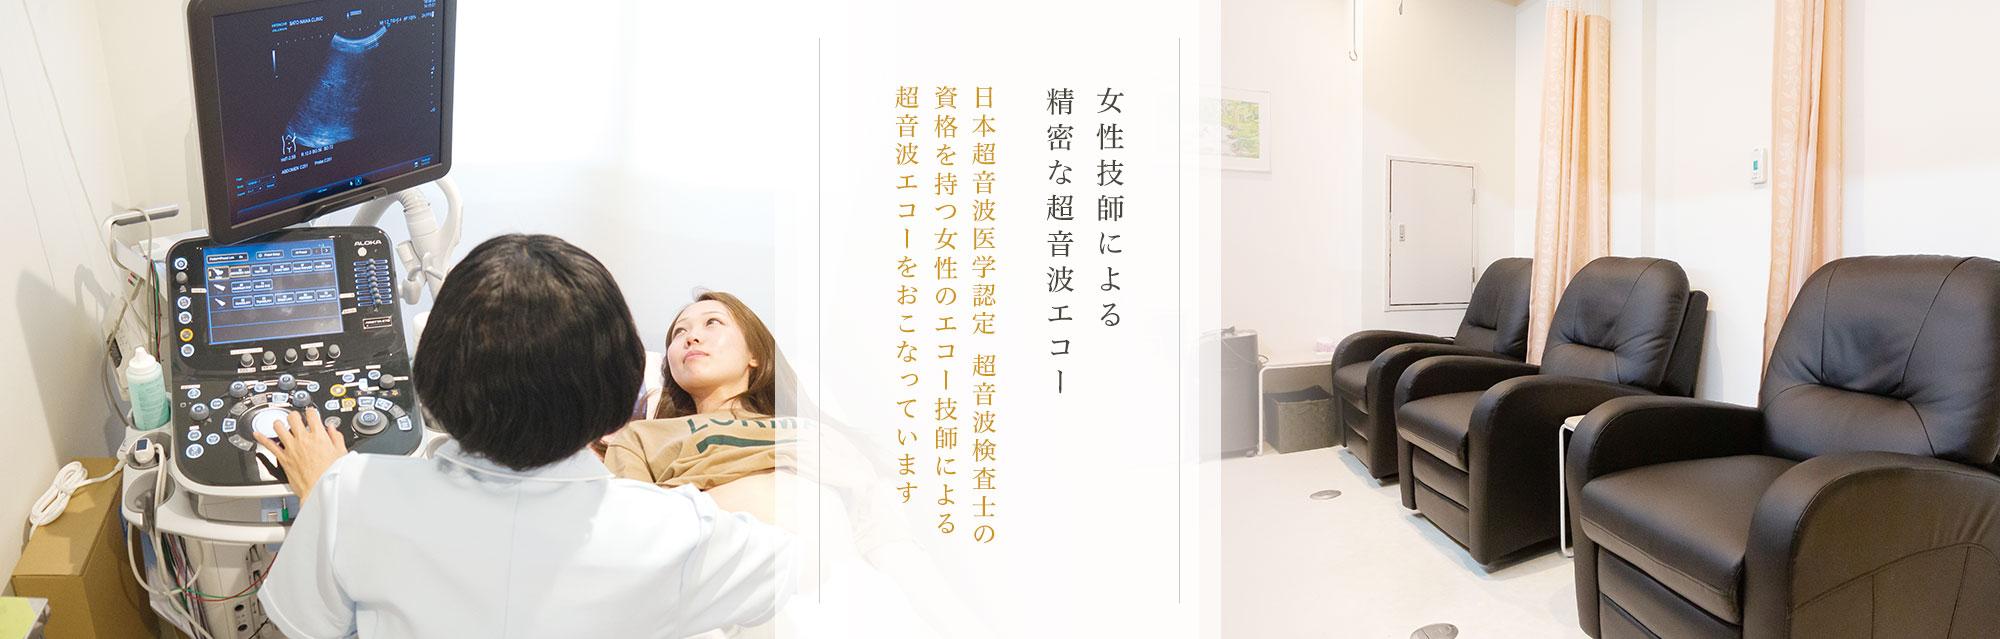 女性技師による精密な超音波エコー